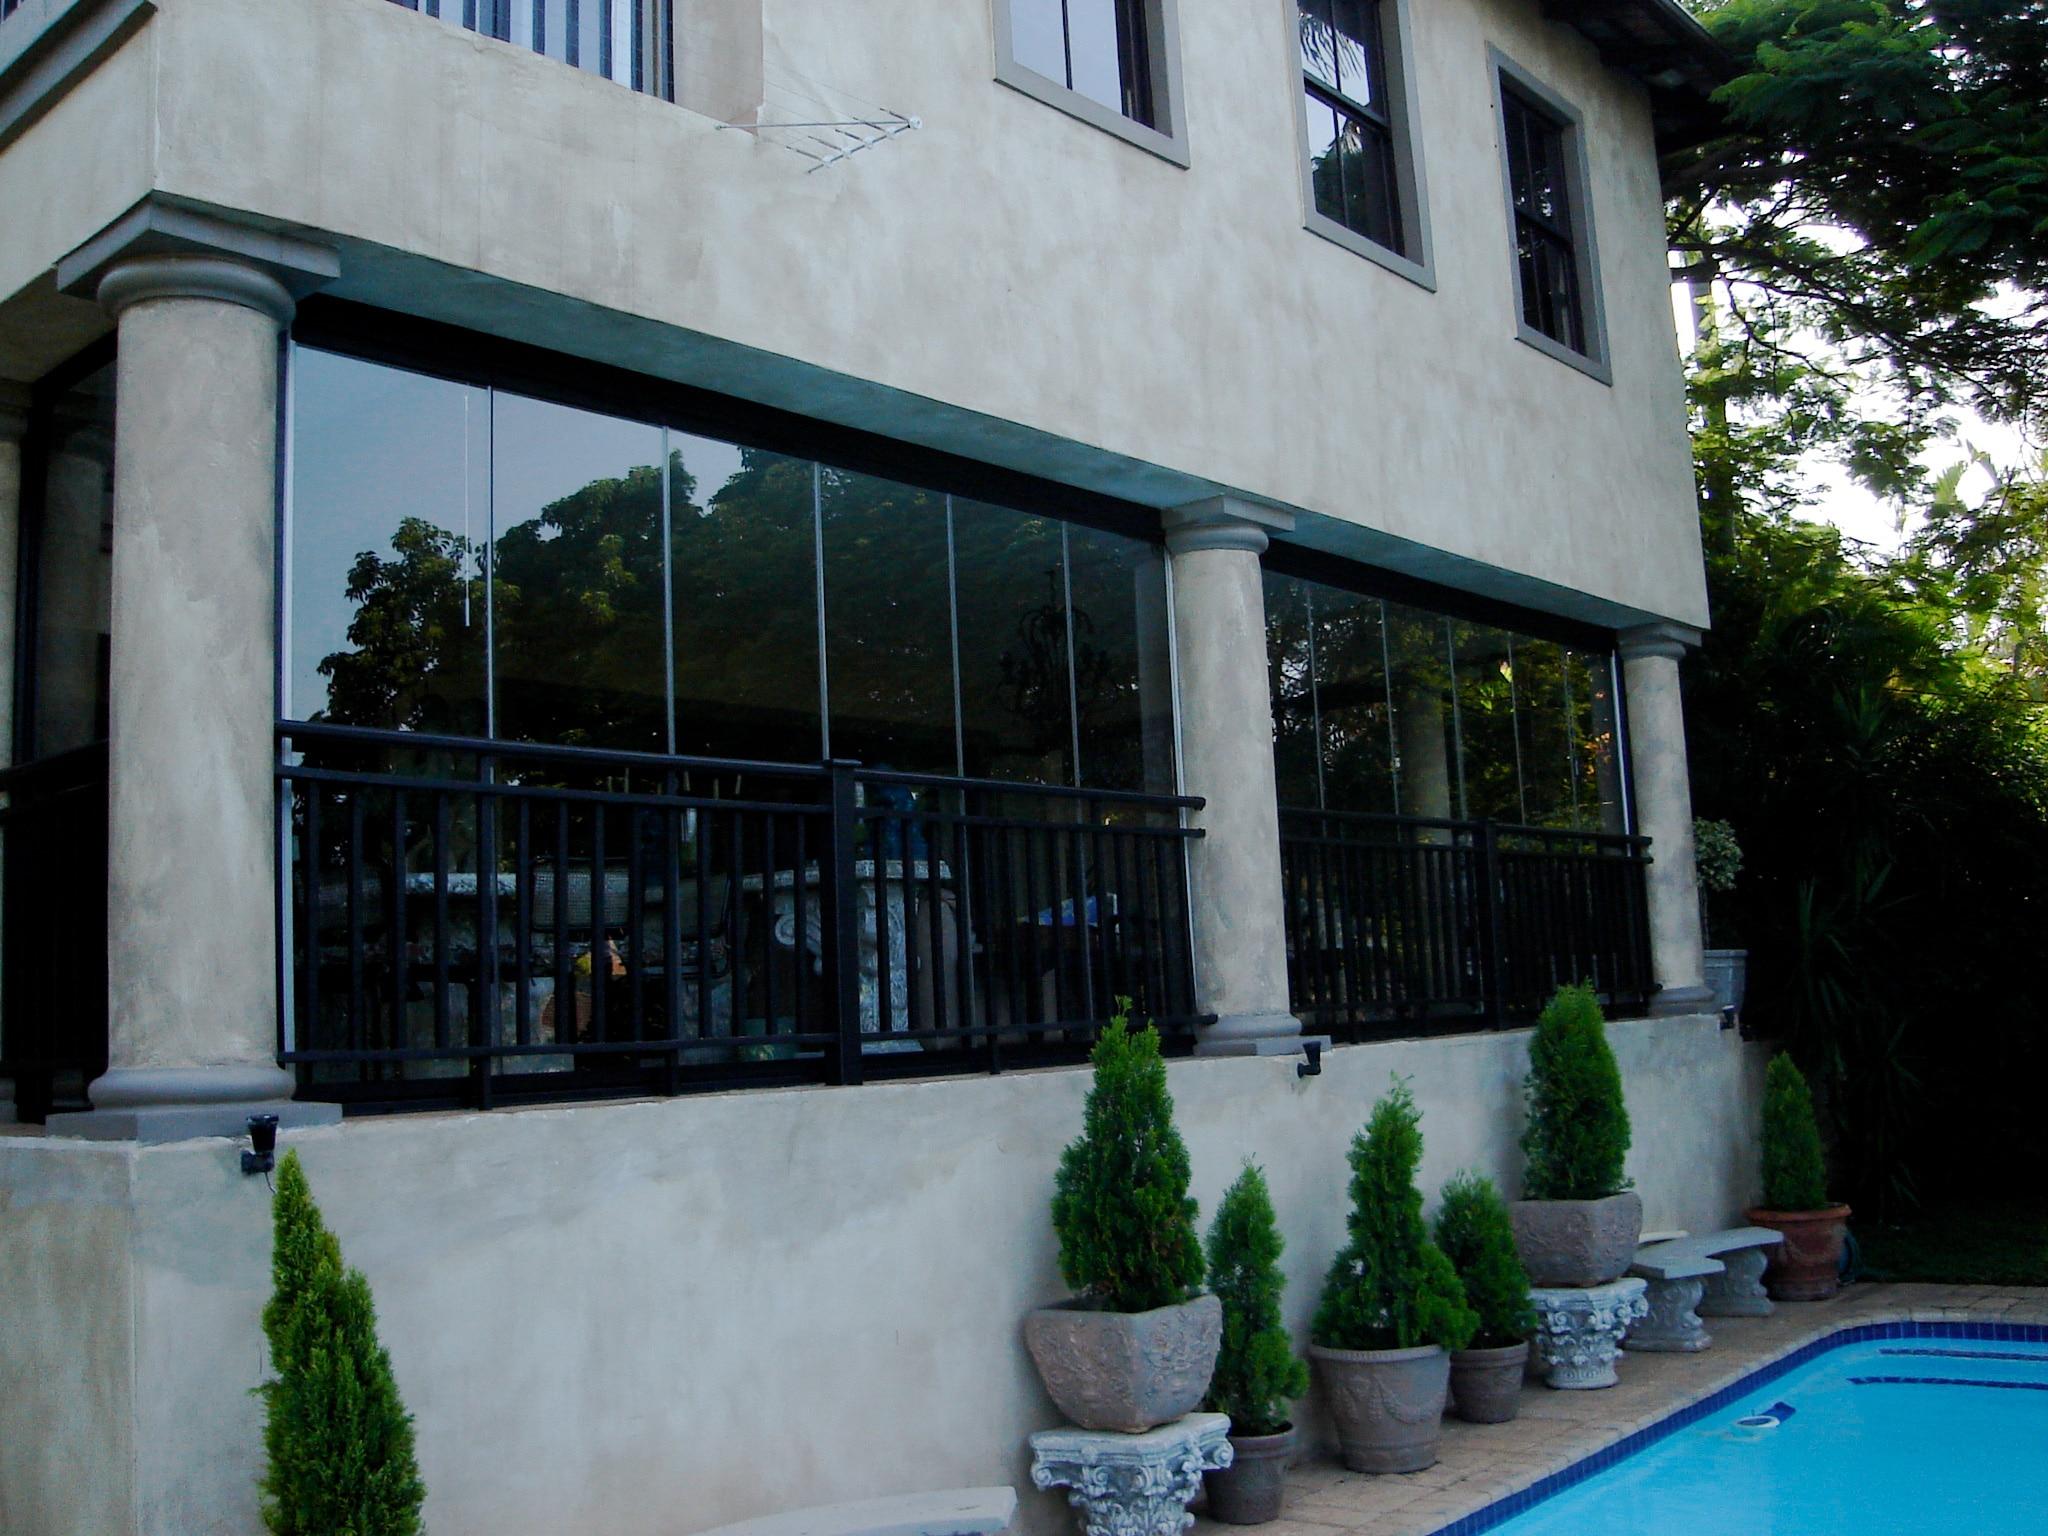 Terrasse vor Wind schützen - Verglasungssysteme